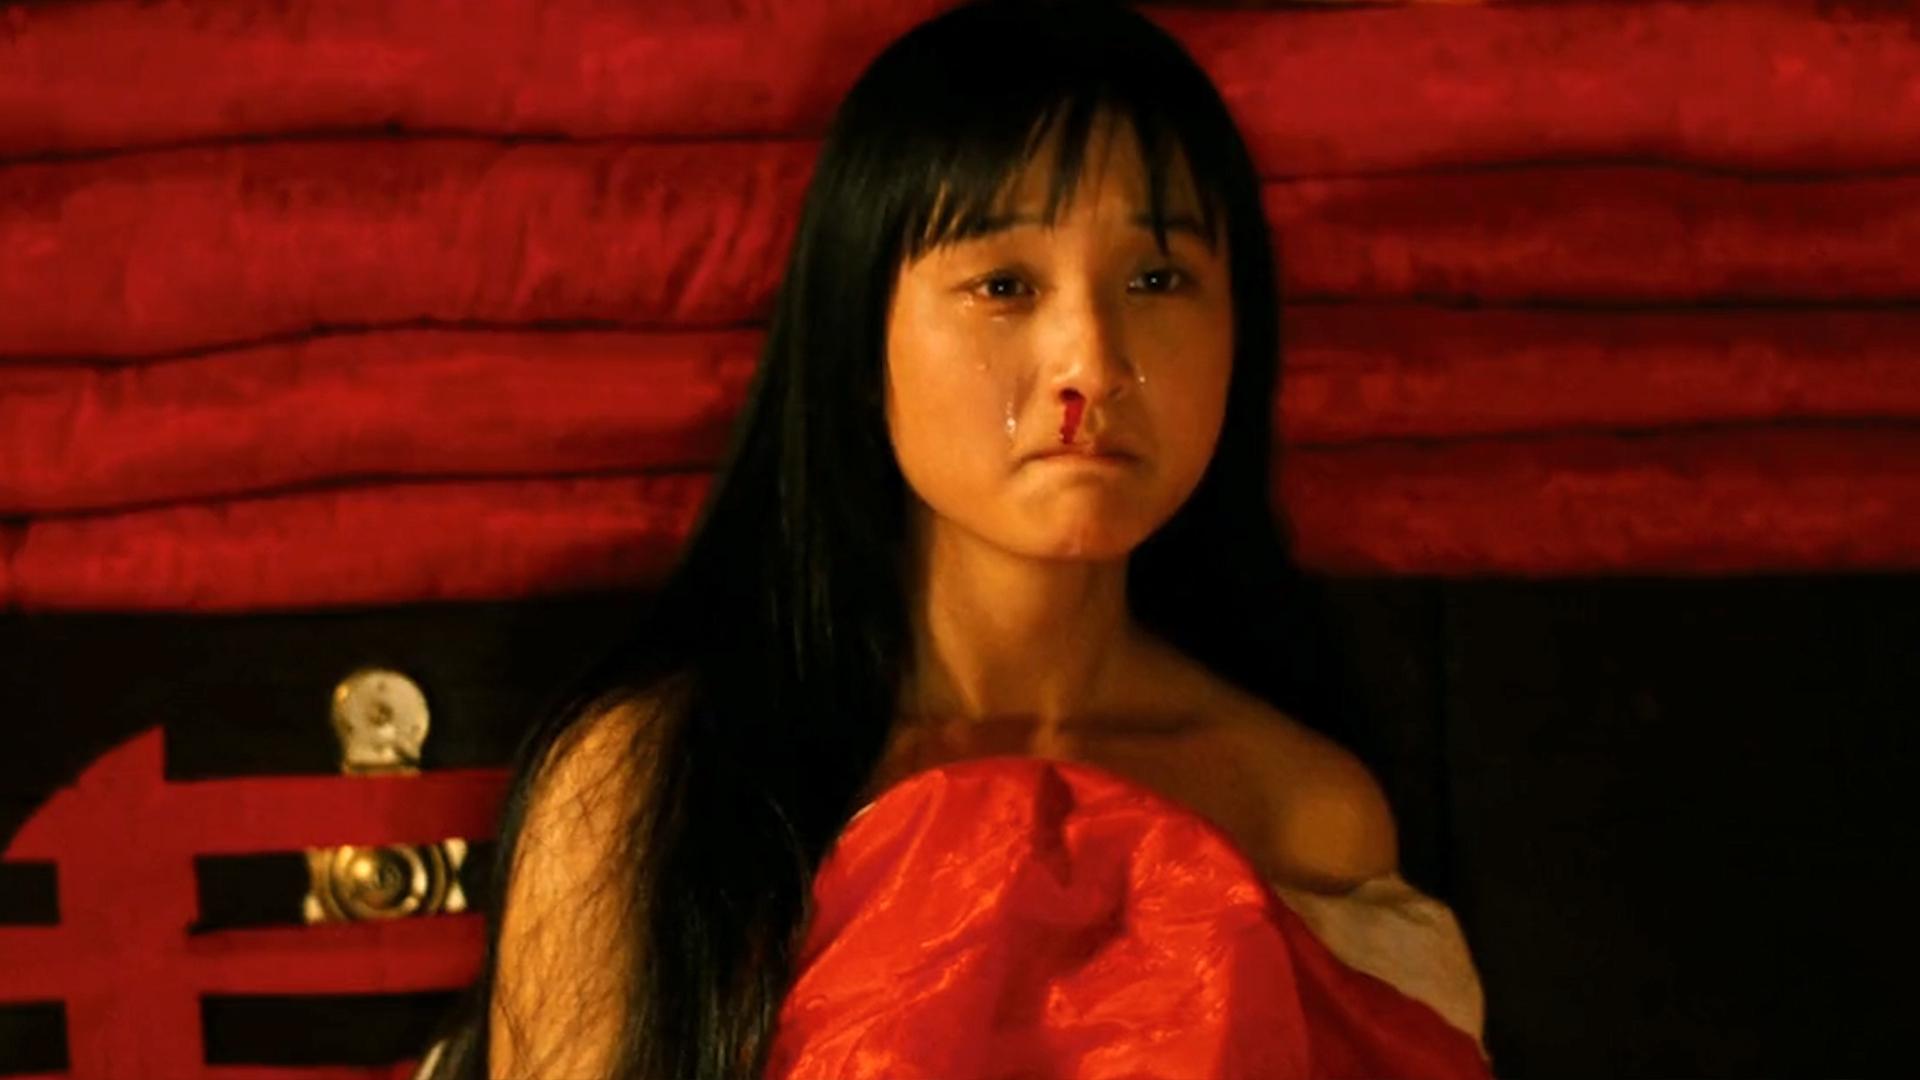 豆瓣8.1,这部国产片像剃刀一样无情,揭开了中国人最隐秘的疮疤!《血色清晨》